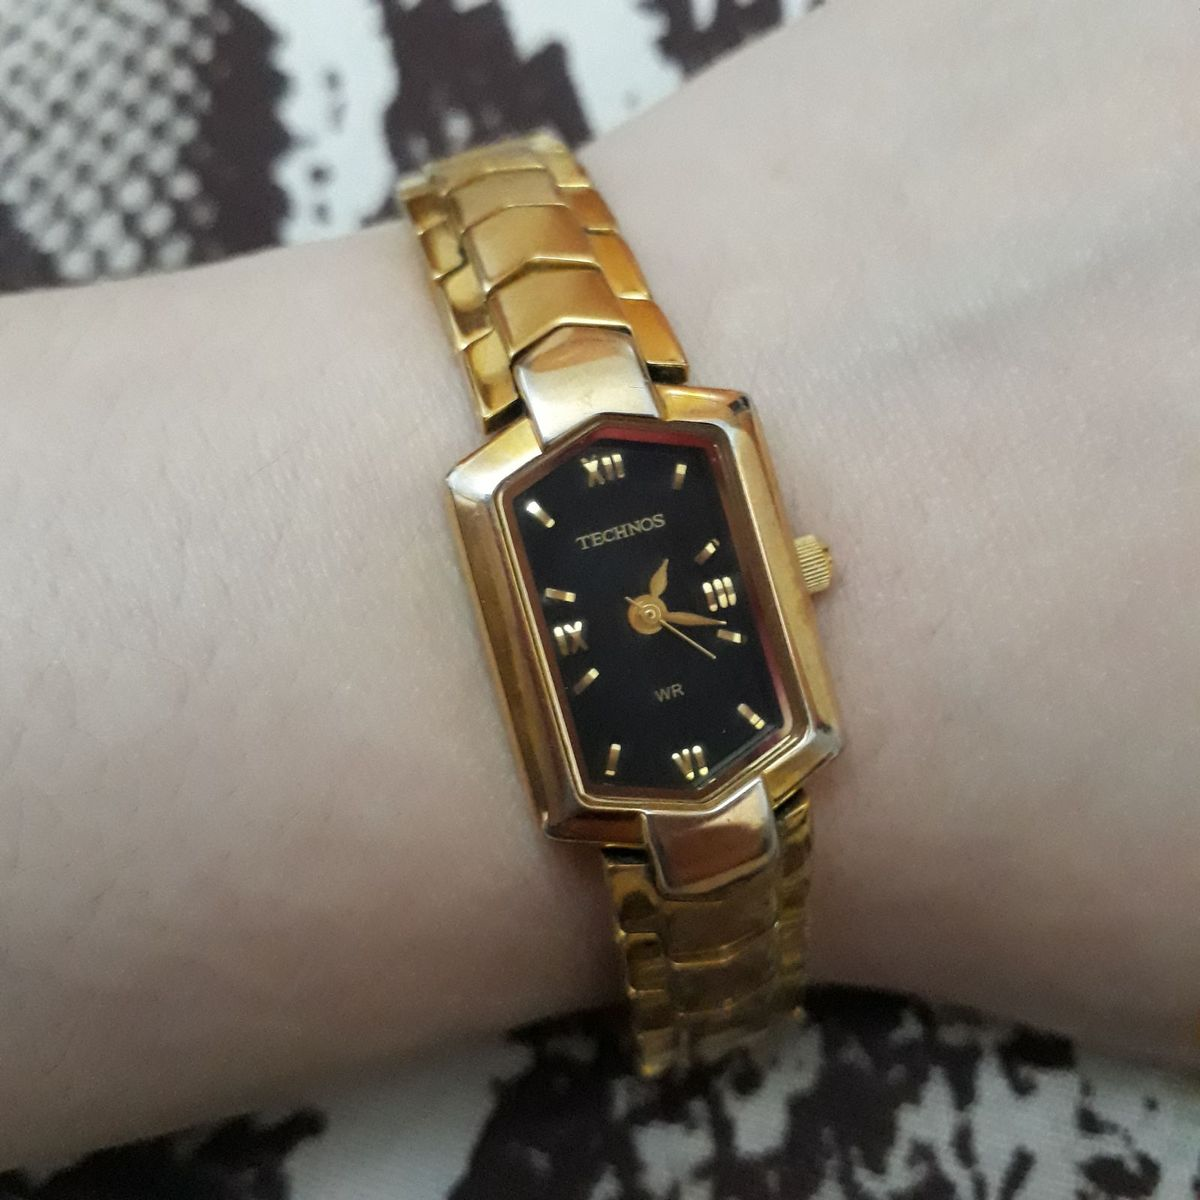 7e01fe1b626 Relógio Technos Feminino Analógico Pulseira Dourada em Aço Delicado  Mostrador Preto